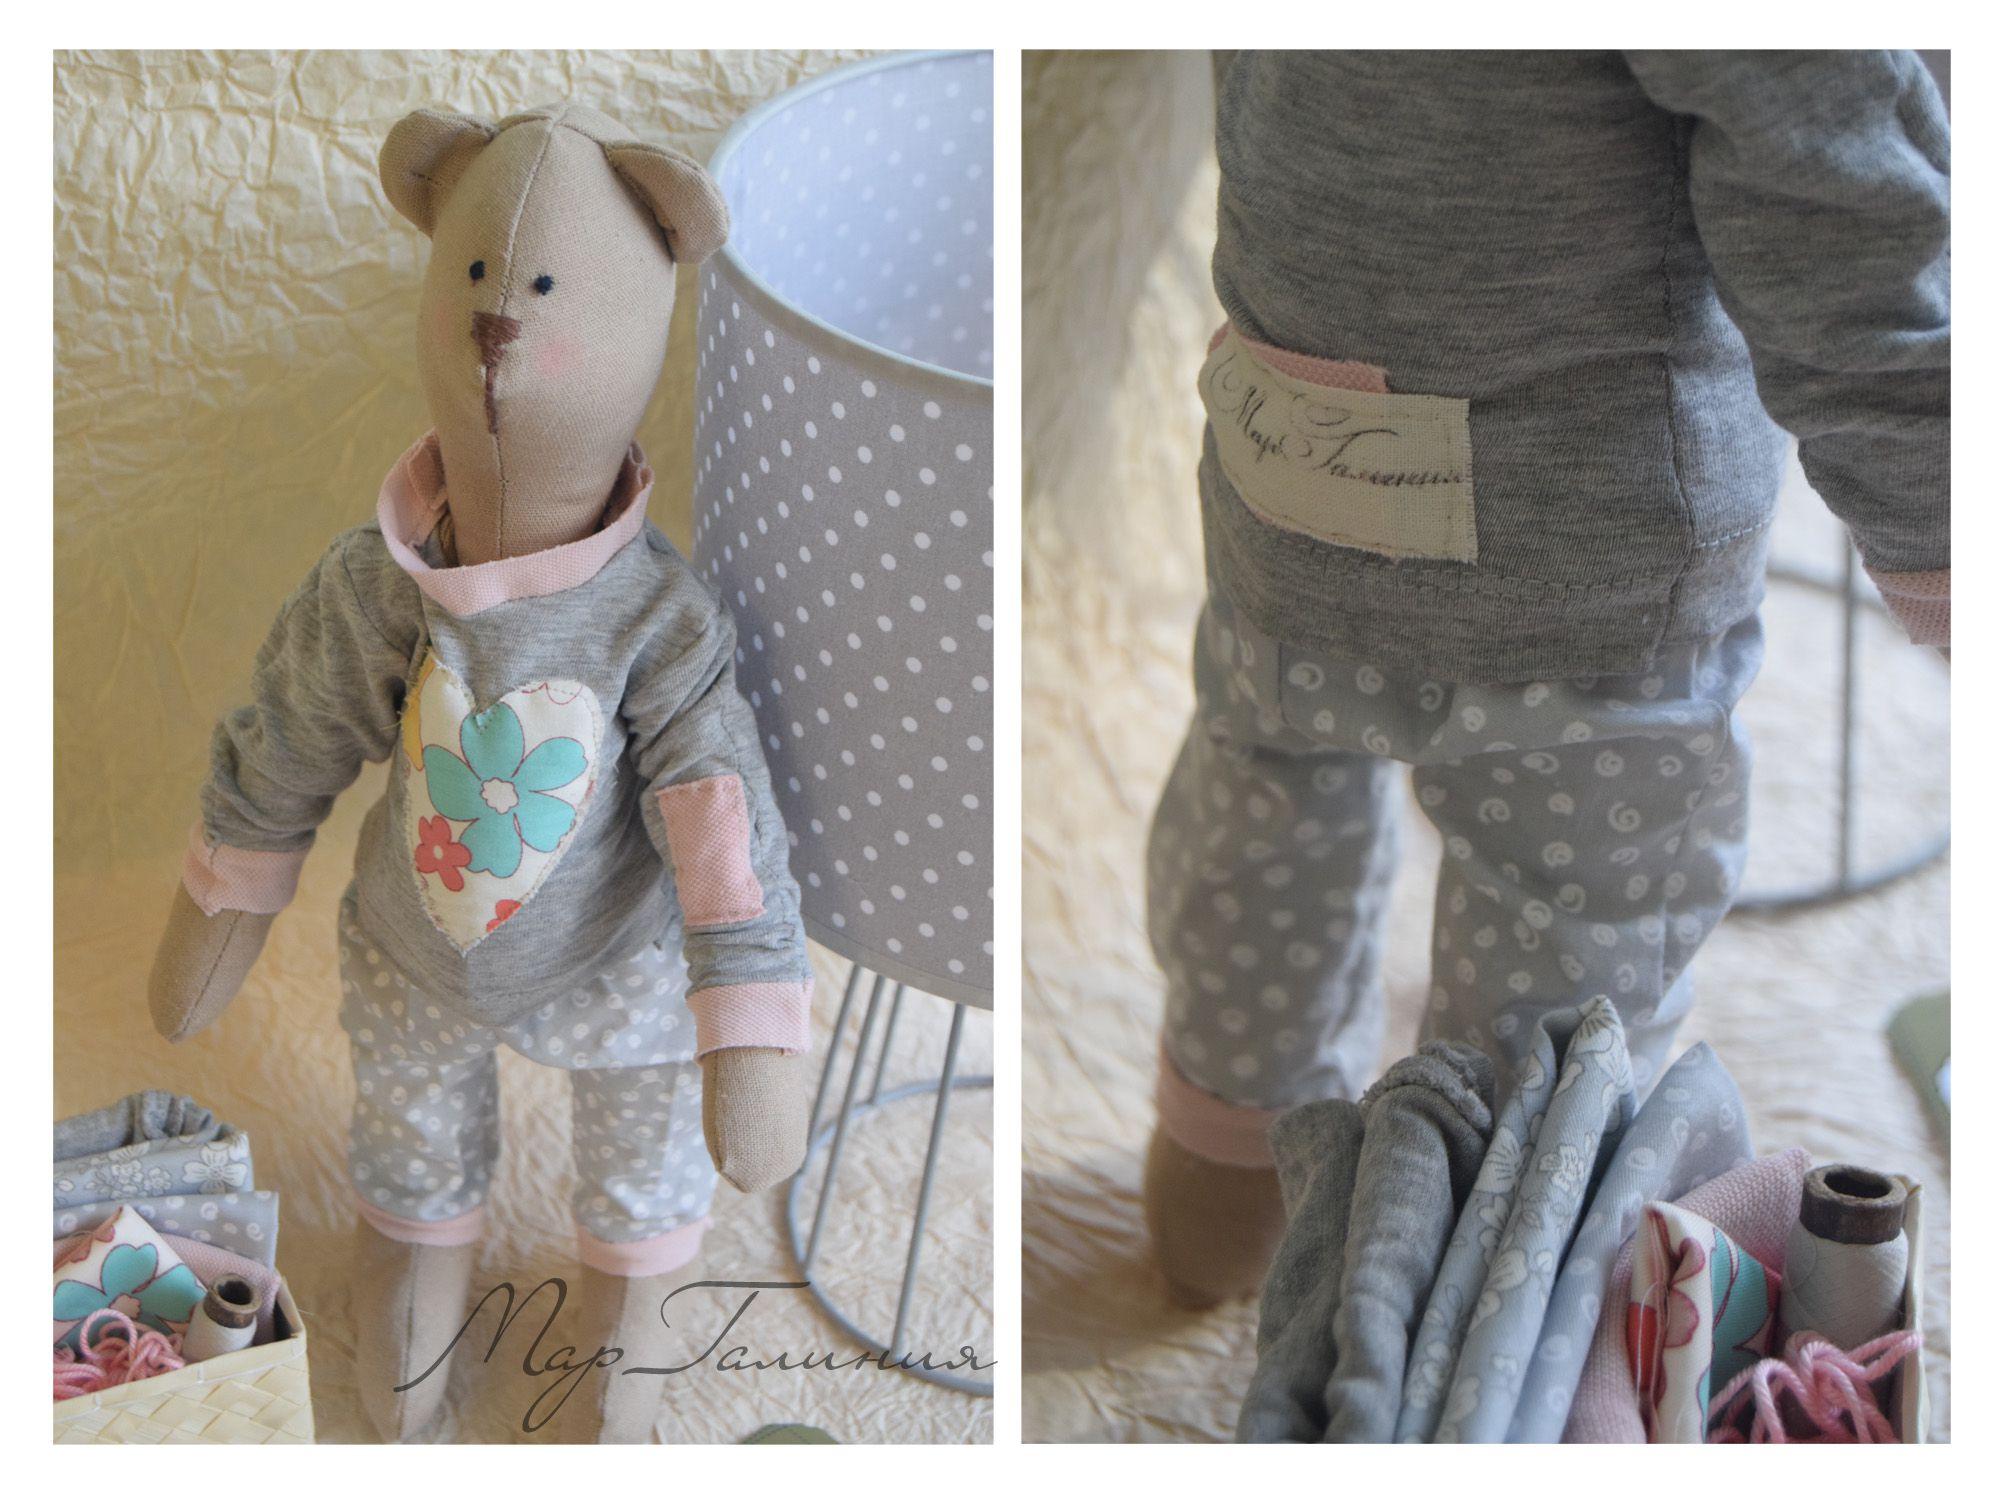 интерьерныеигрушки тильда маргалиния текстильнаяигрушка игрушкатильда подарки